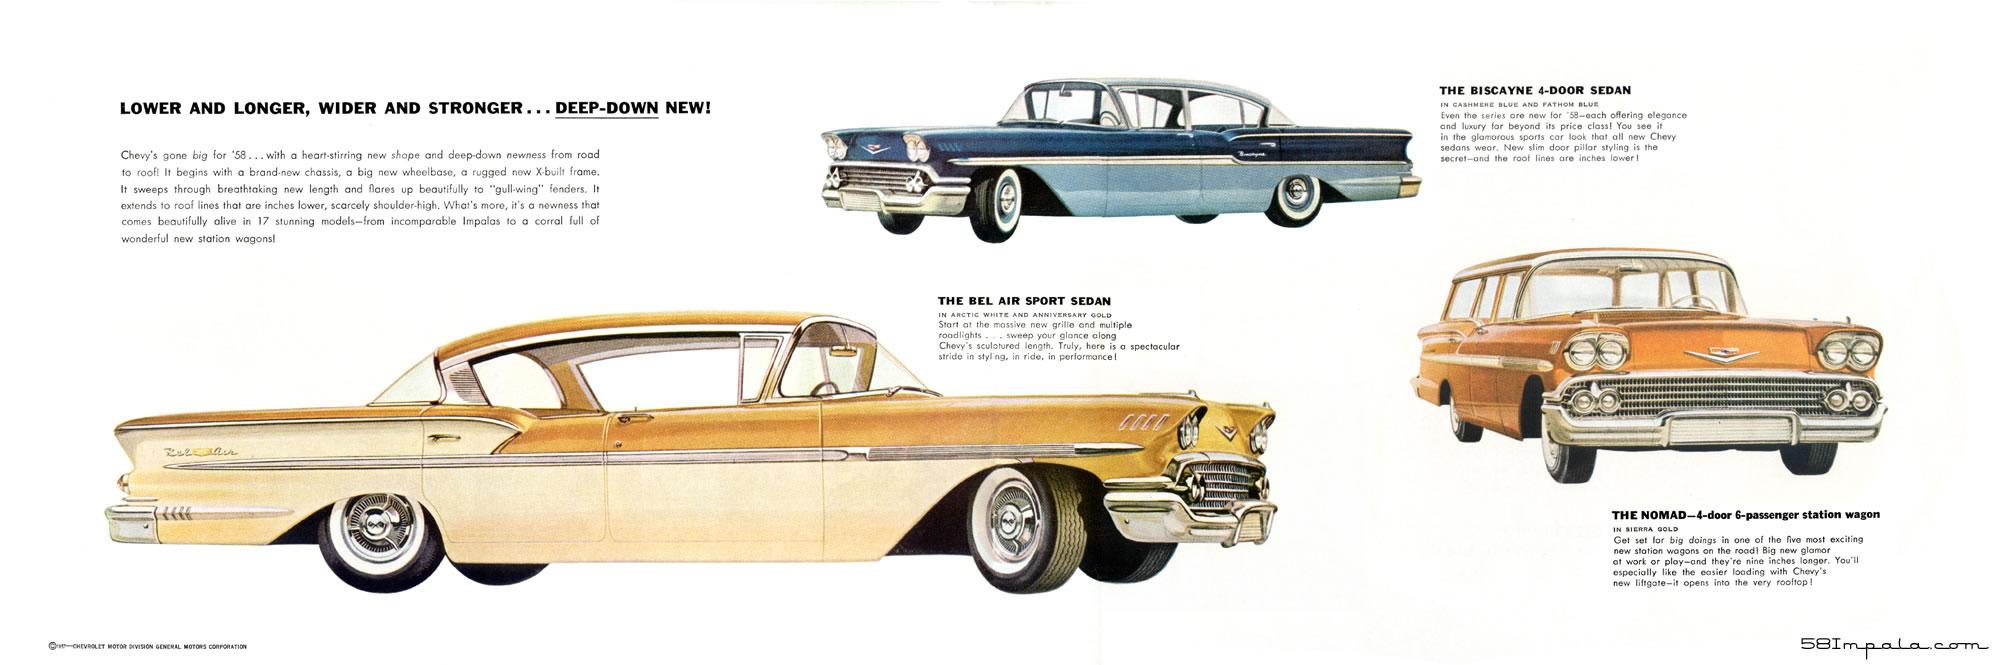 1958 Chevrolet 2 0001 Jpg